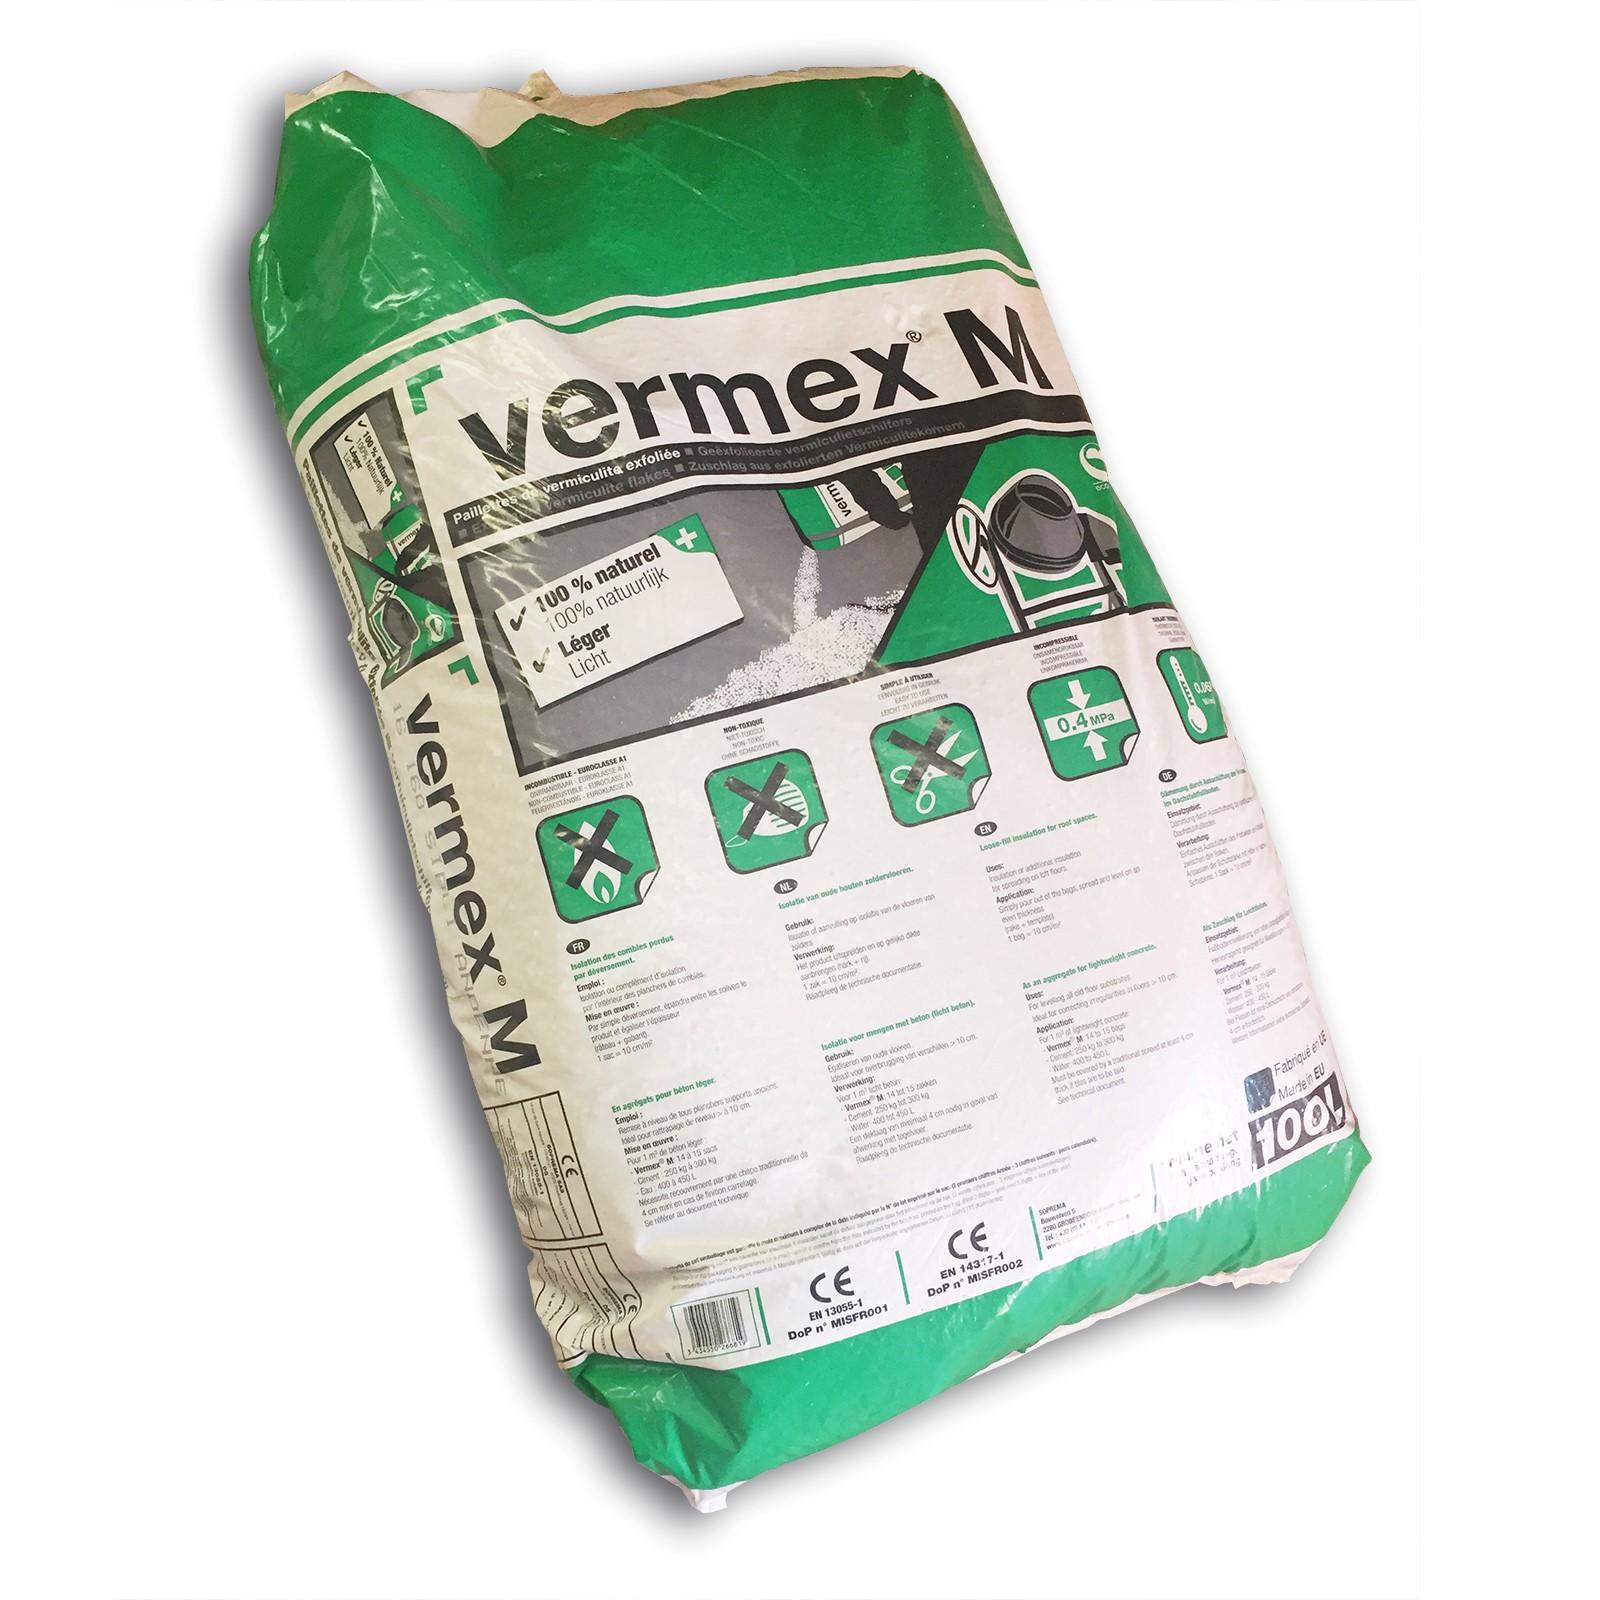 VERMEX M